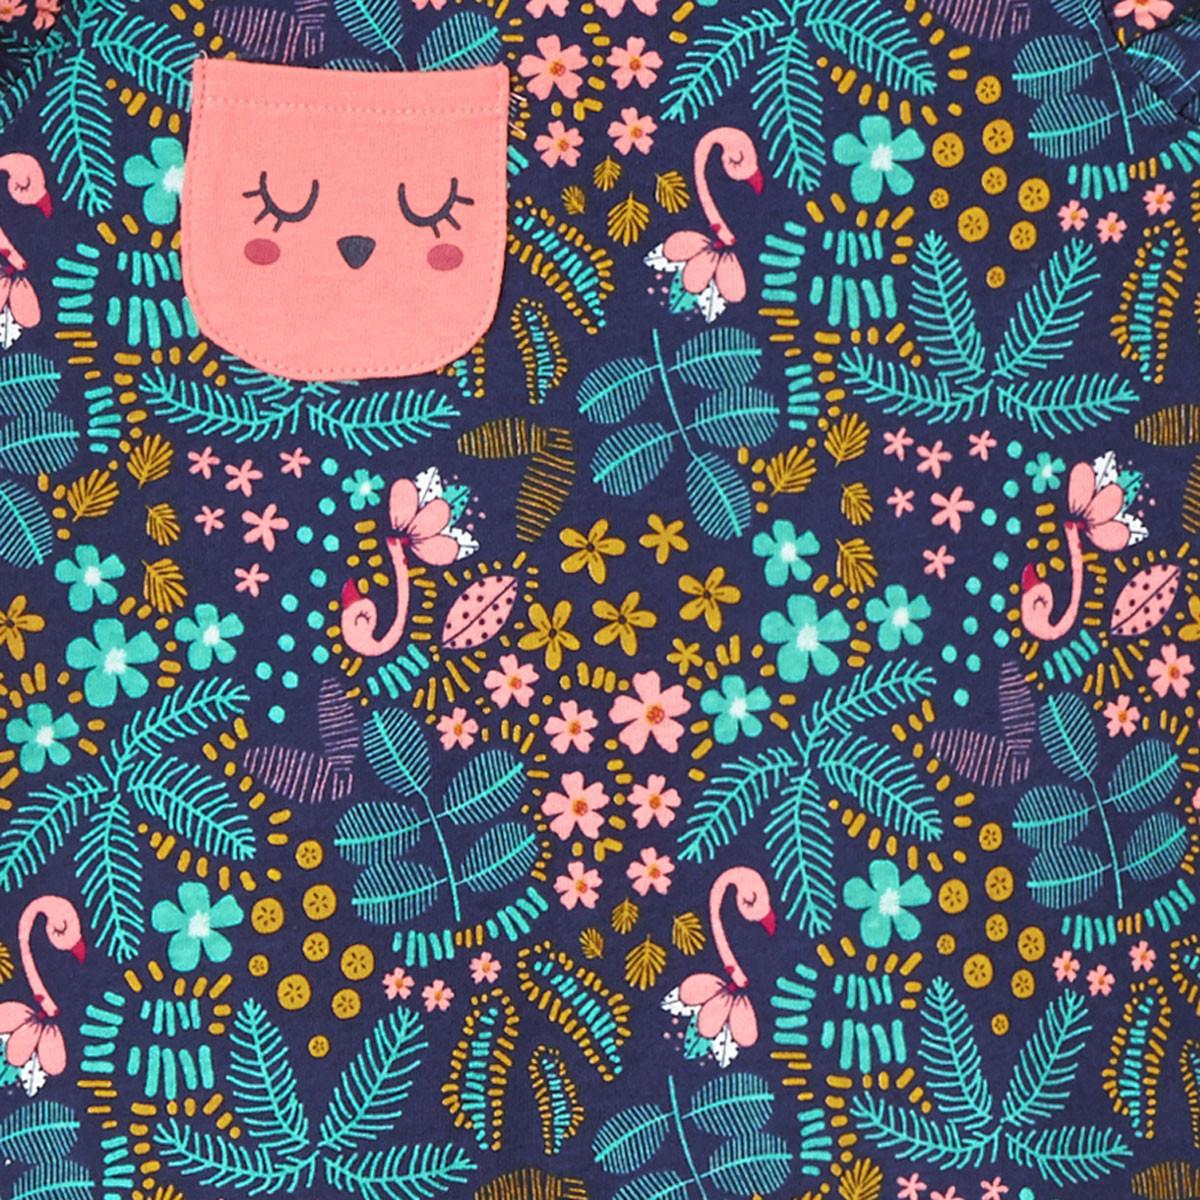 Pyjama fille Miss Blabla zoom poche